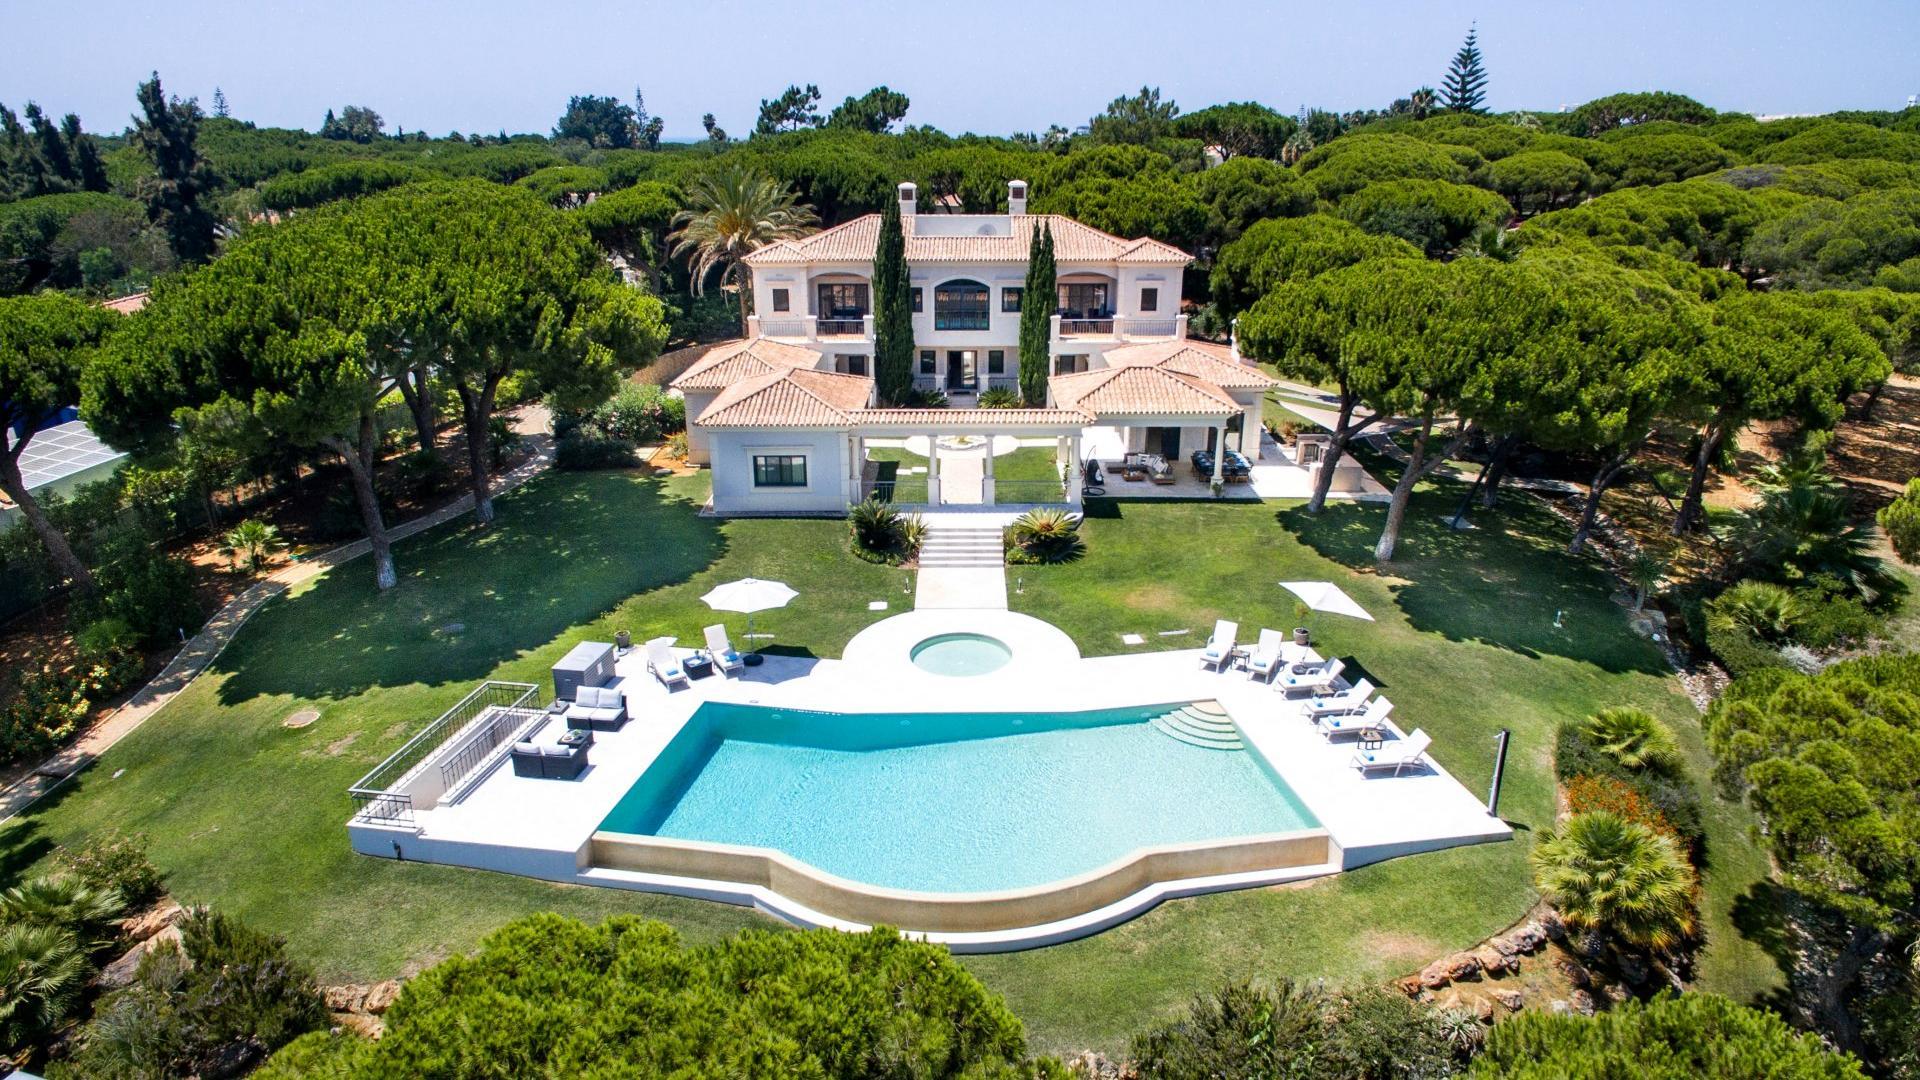 Villa Summer Bay - Fonte Santa, Vale do Lobo, Algarve - 29_Fonte_Santa_85_1.jpg